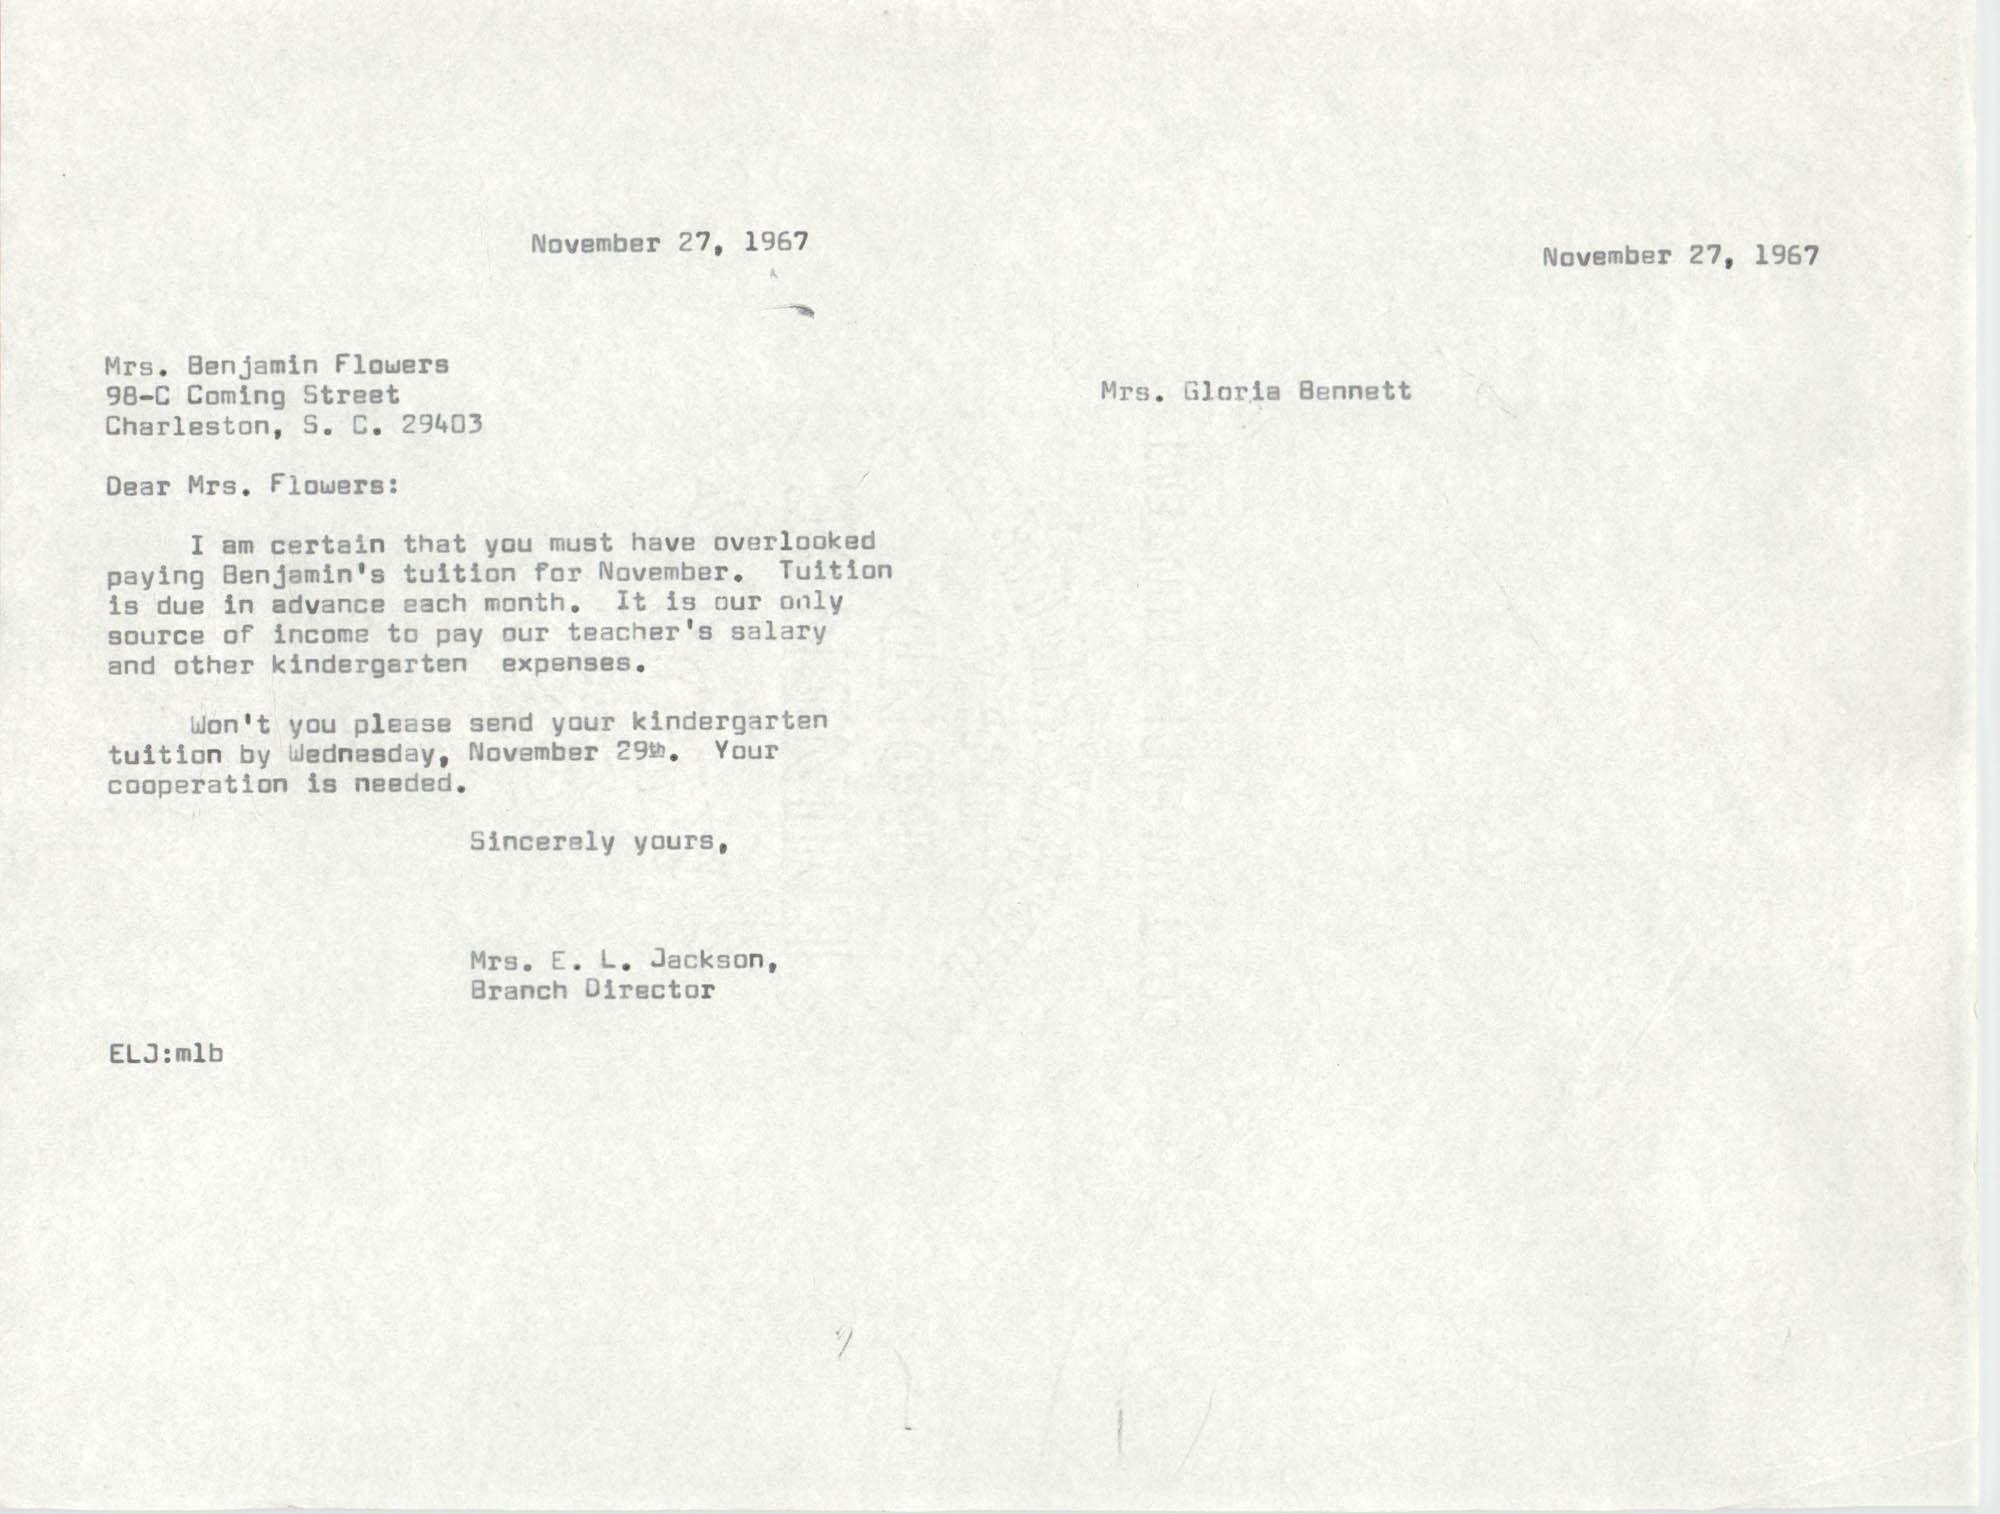 Letter from Christine O. Jackson to Mrs. Benjamin Flowers, November 27, 1967